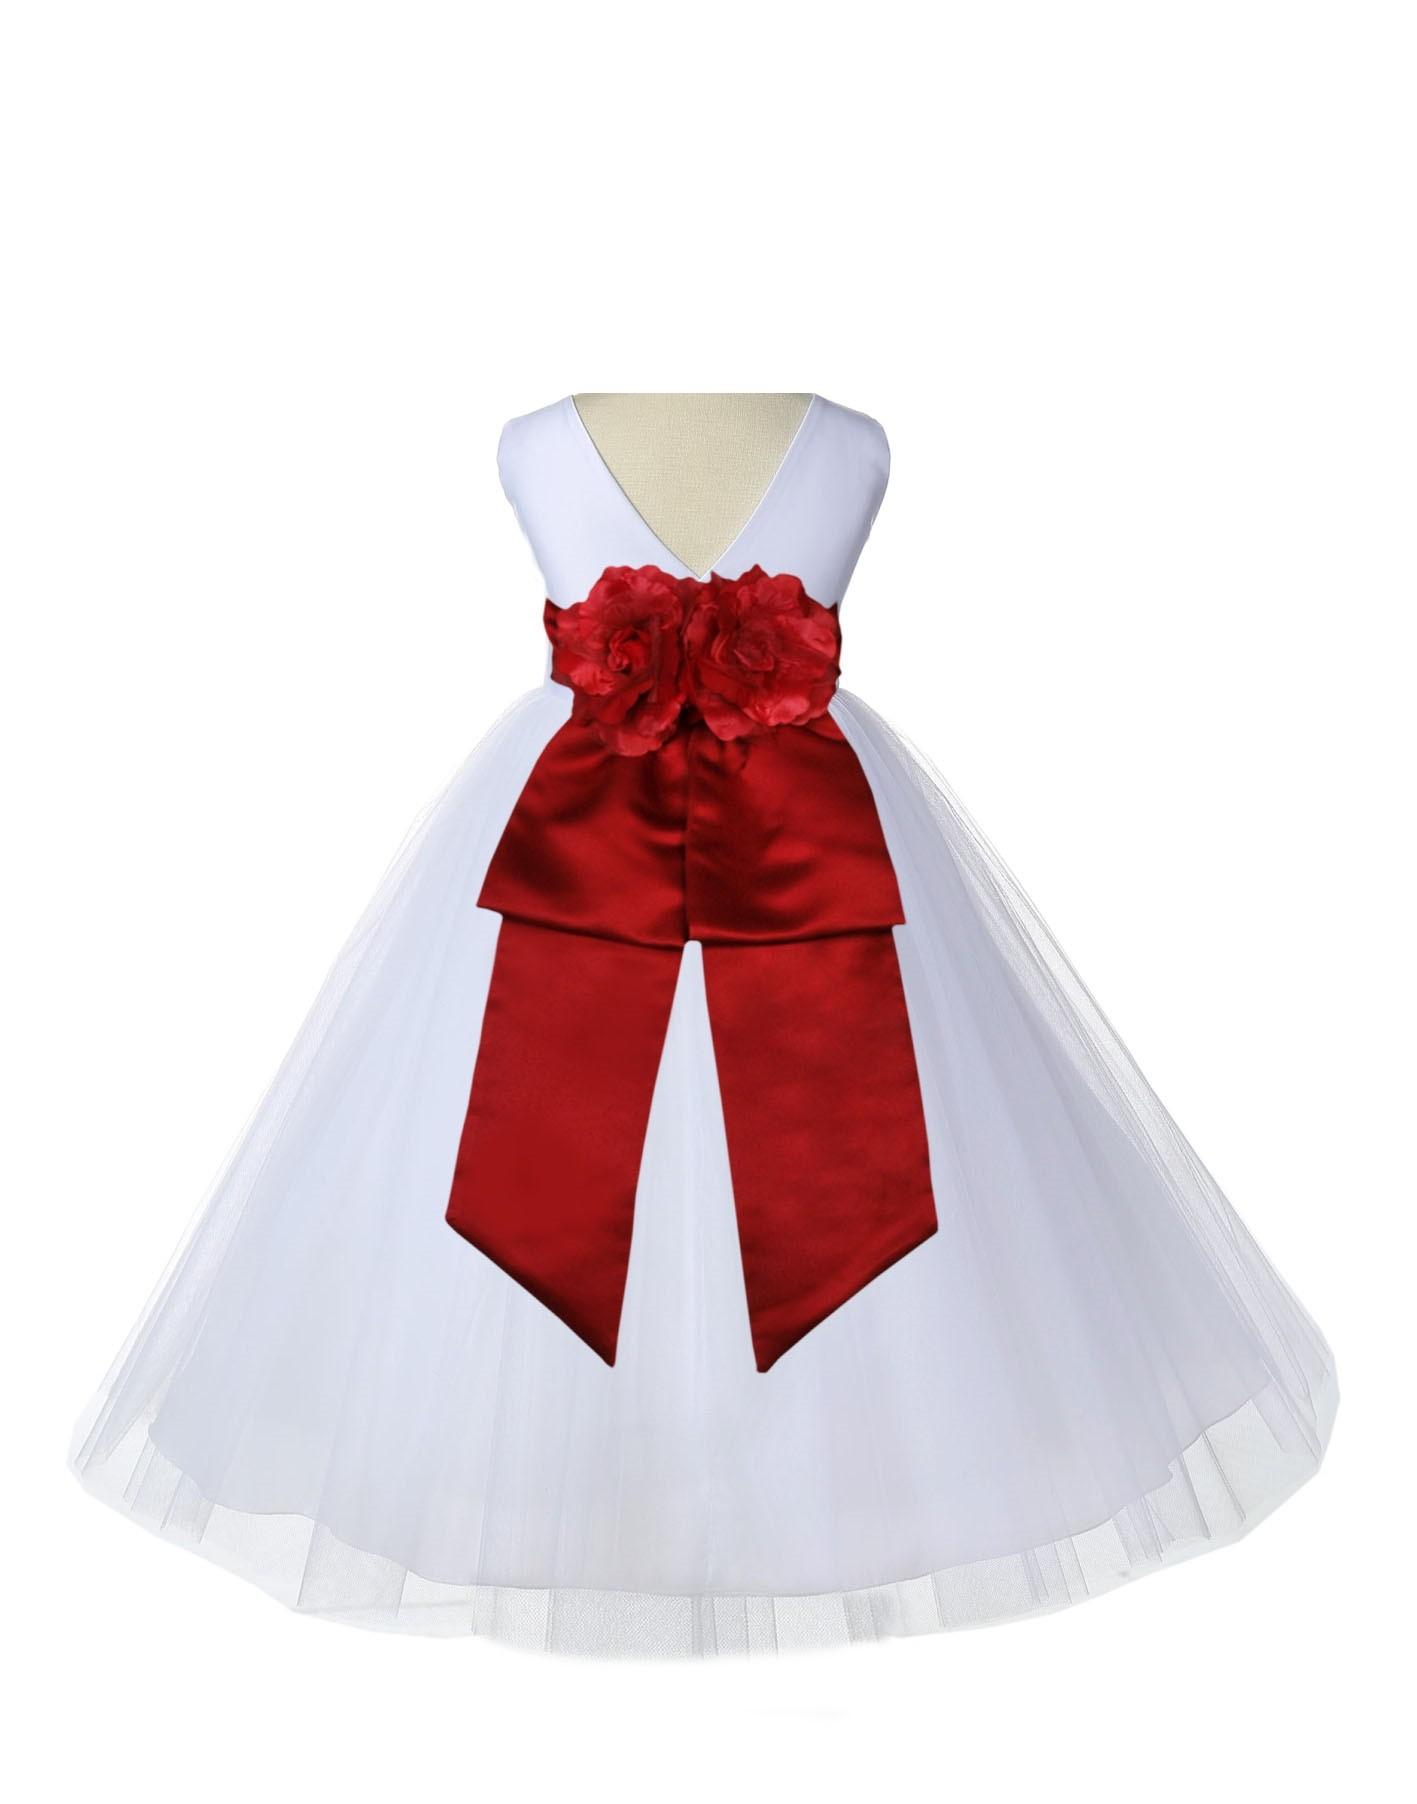 V Neck Tulle Whiteapple Red Flower Girl Dress Wedding Pageant 108